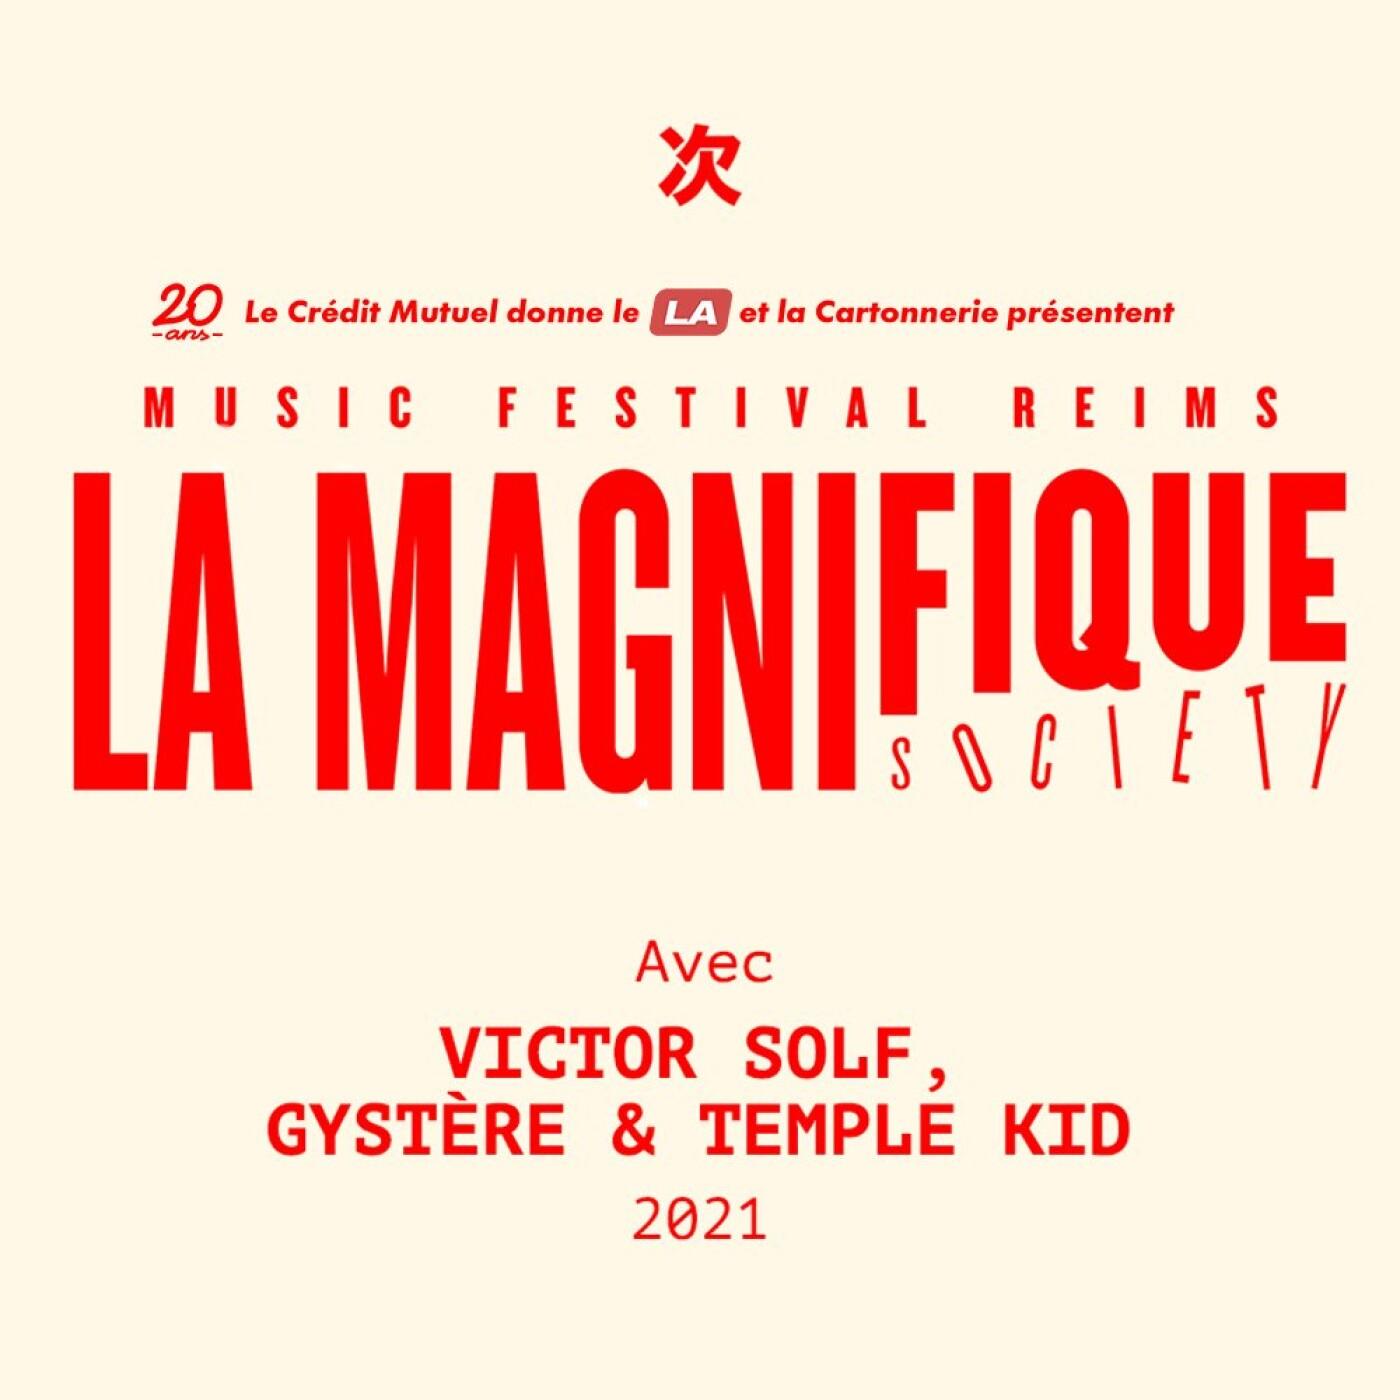 La Magnifique Society : Victor Solf, Gystère, Temple Kid